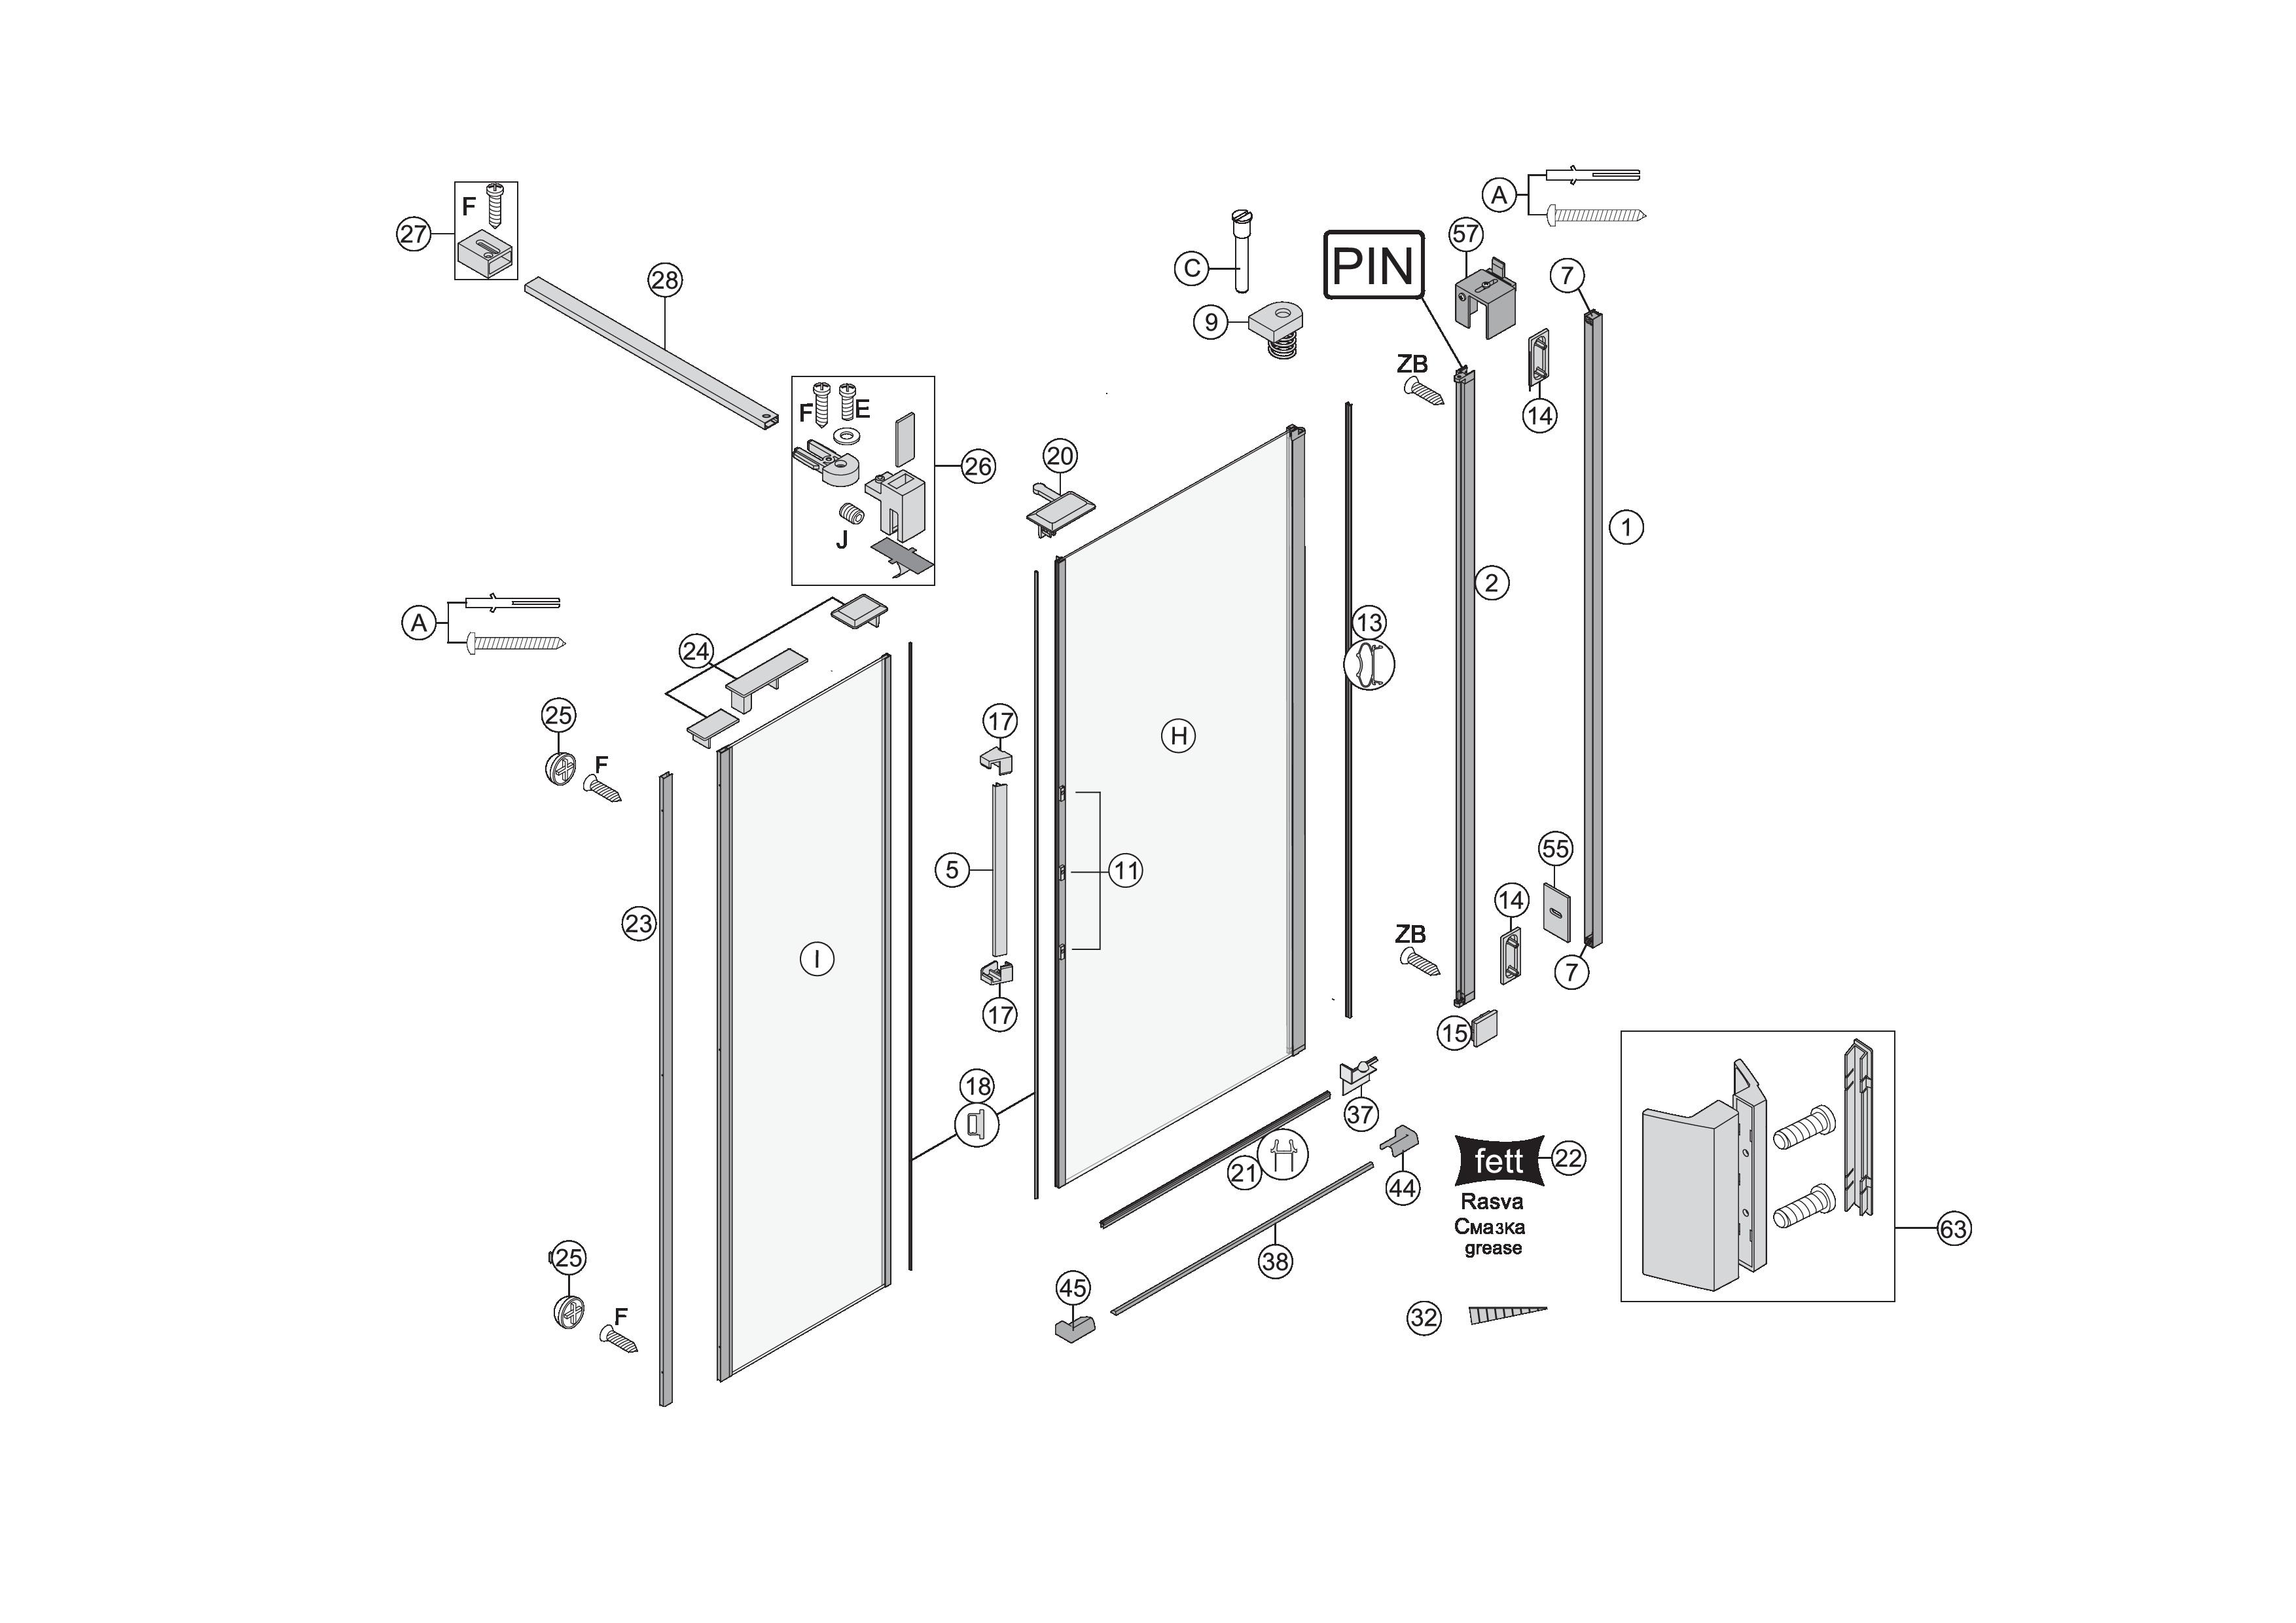 ersatzteile f r s400 pendelt re wandanschlag mit seitenwand in flucht in nische bekon koralle ag. Black Bedroom Furniture Sets. Home Design Ideas